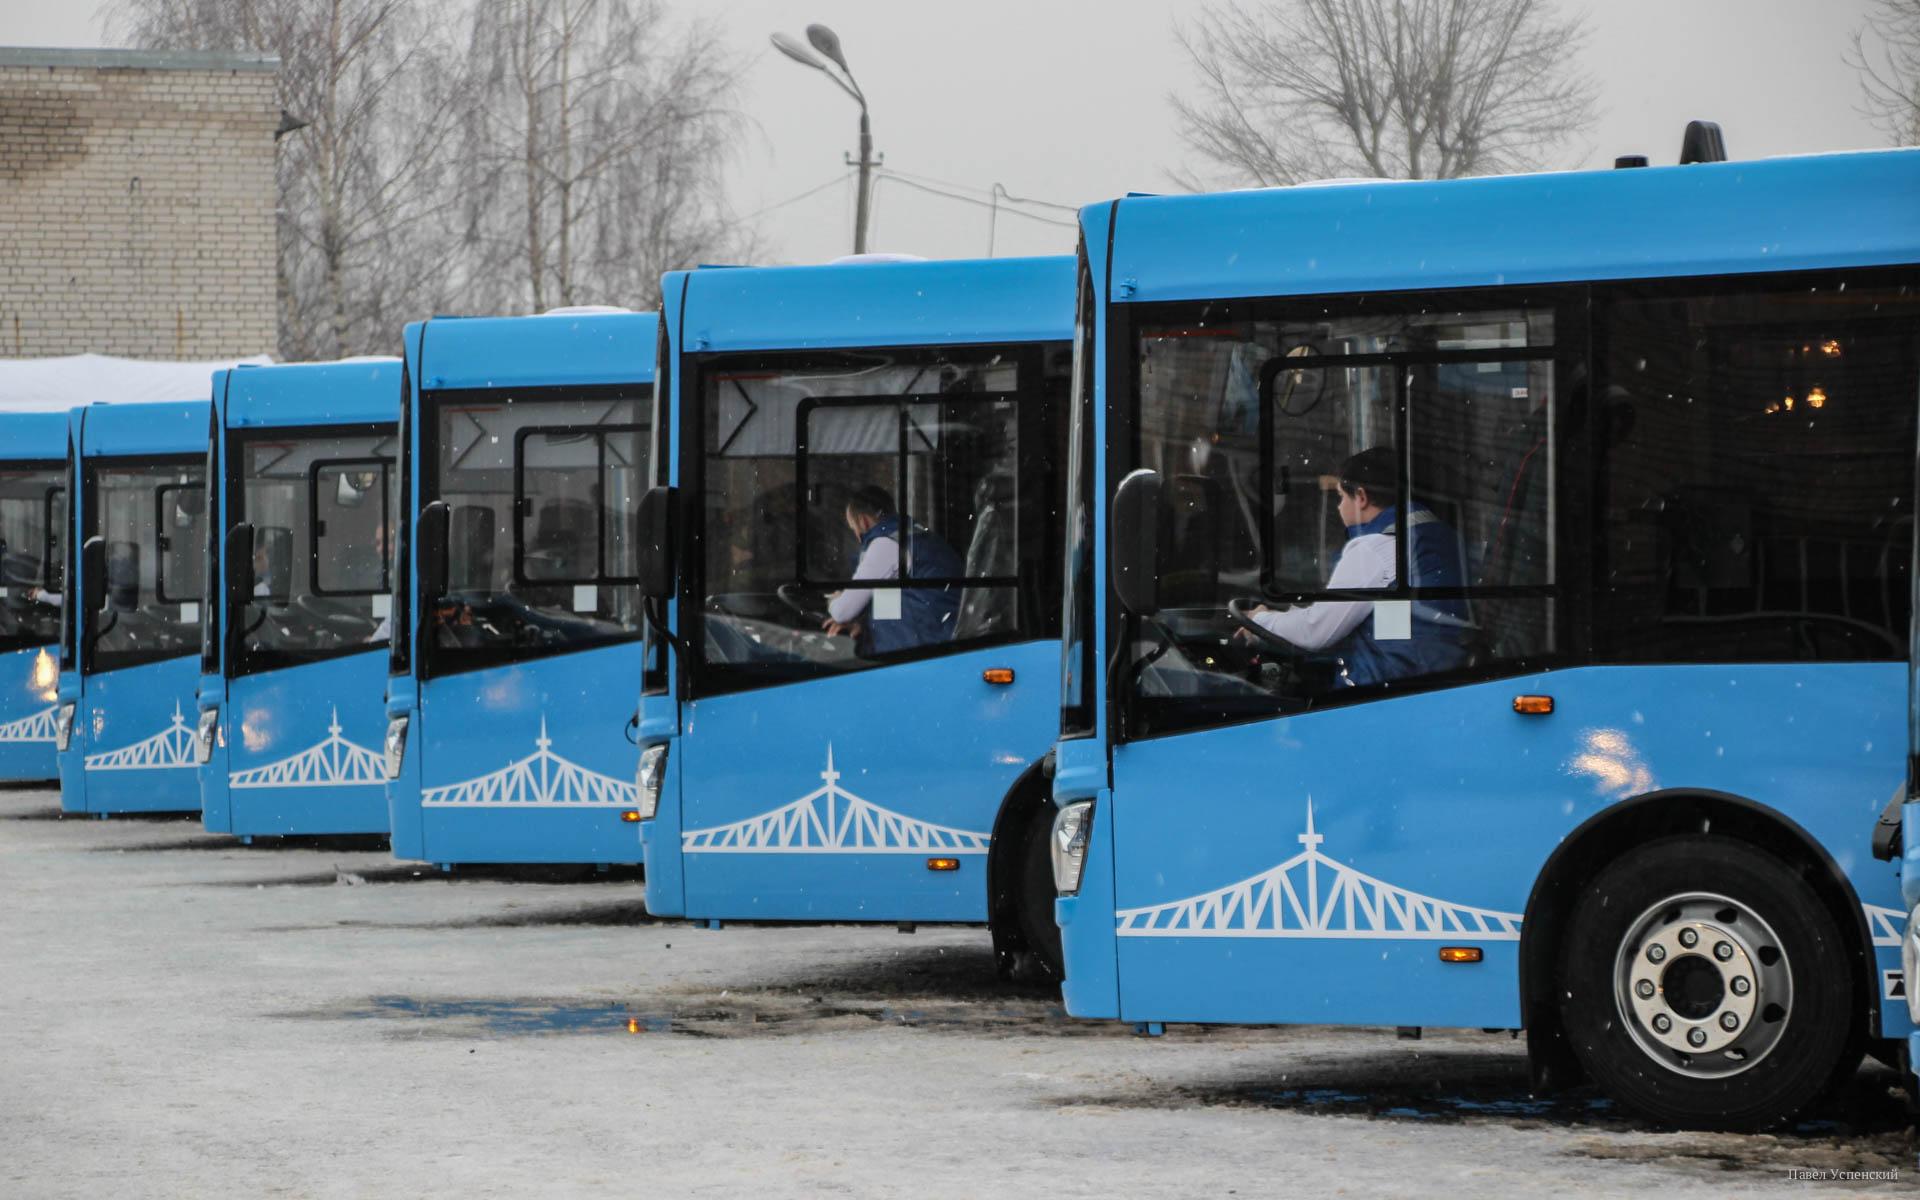 Регионам предложили перенять позитивный опыт Твери при внедрении новой модели городского транспорта - новости Афанасий